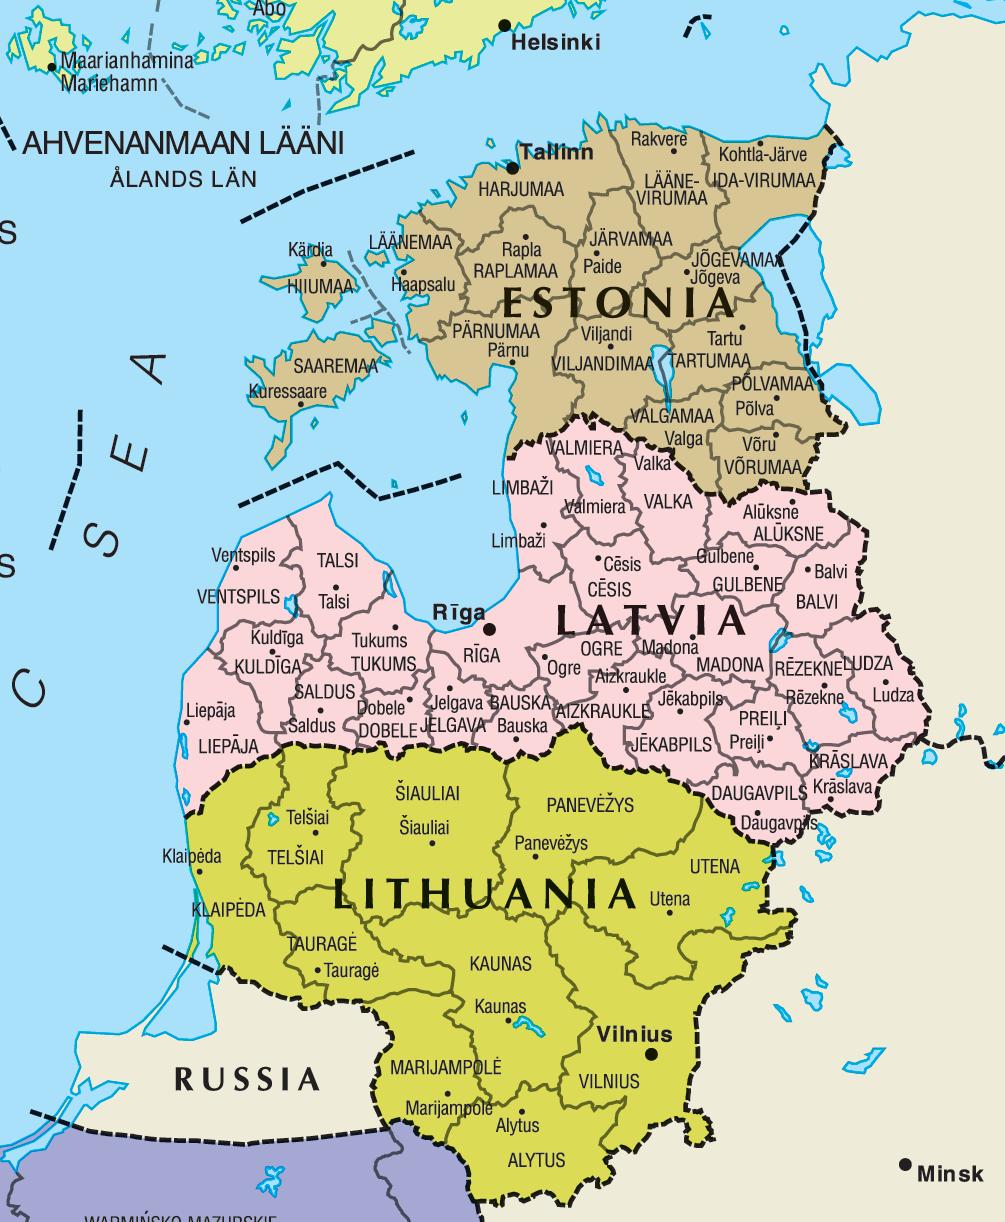 Baltic states httpenwikipediaorgwikiBalticstates www